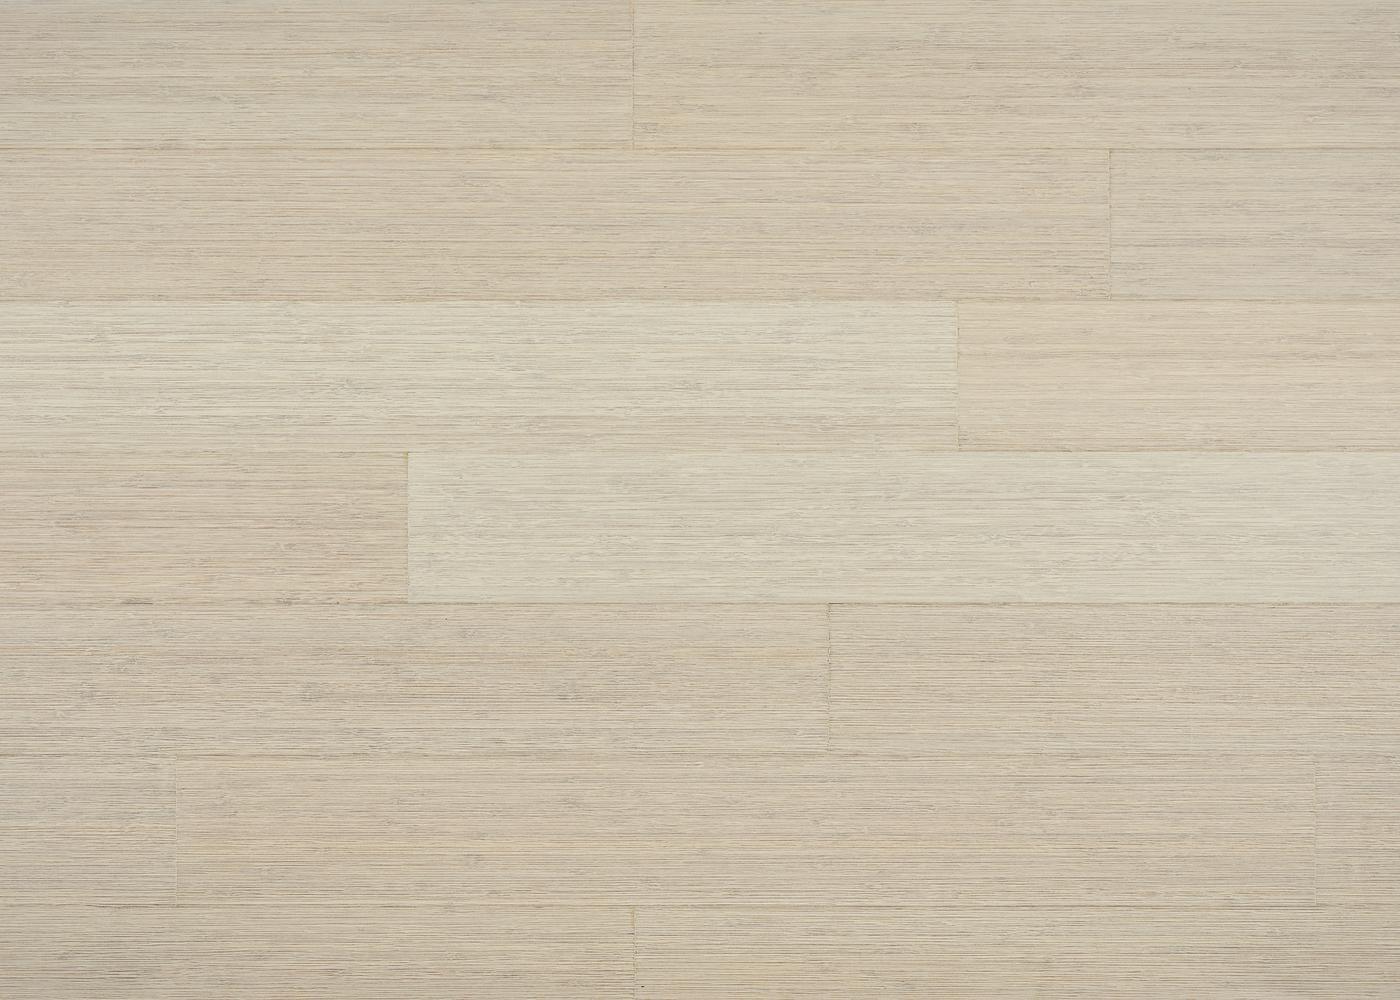 Parquet bambou contrecollé Café vertical brossé vernis blanc 10x128x960